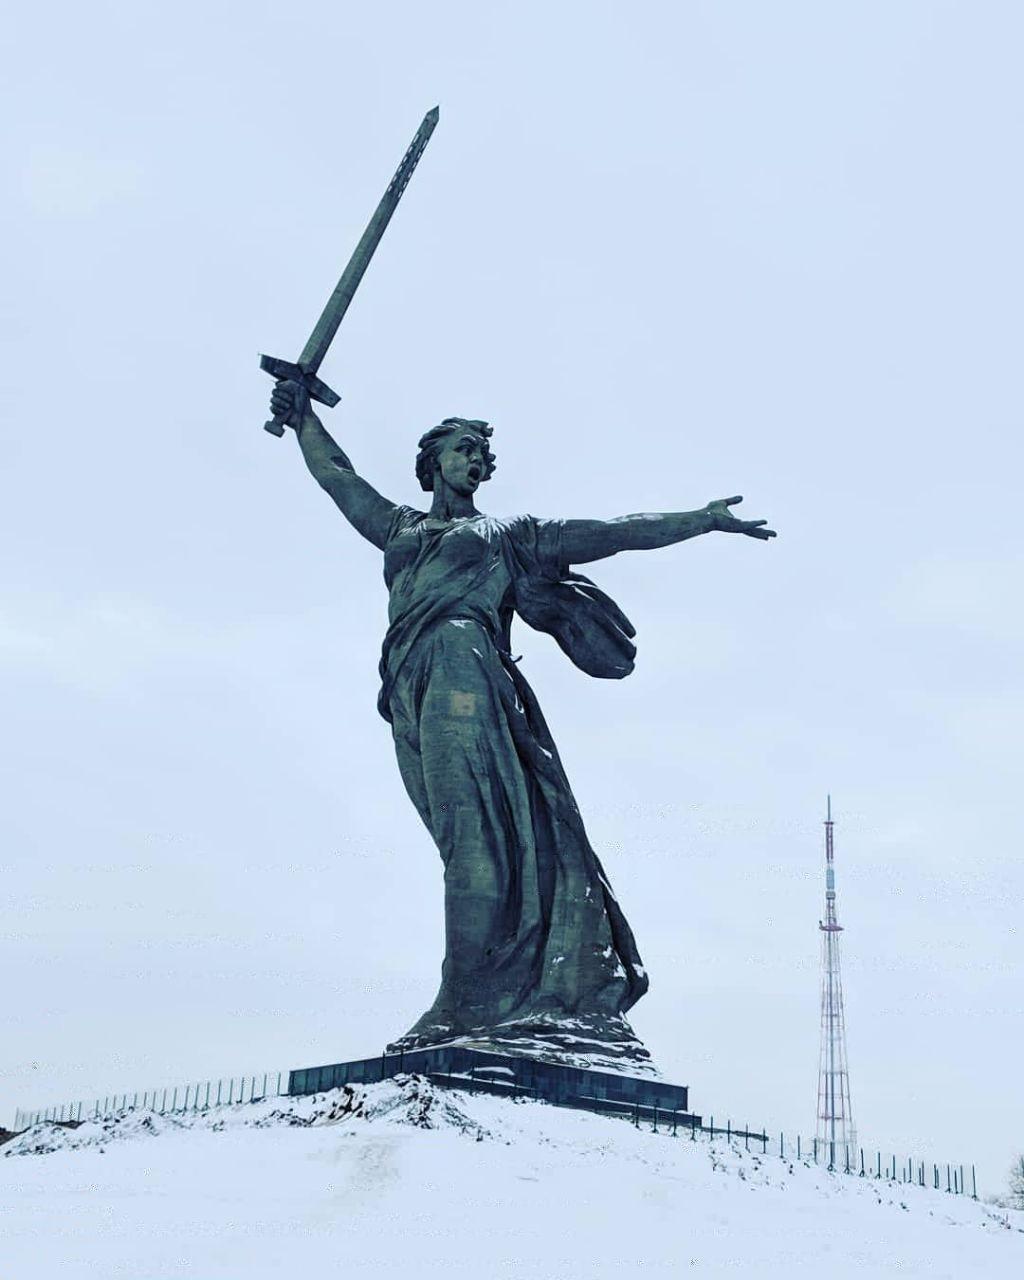 Rodina Mat' Zovyot Volgograd